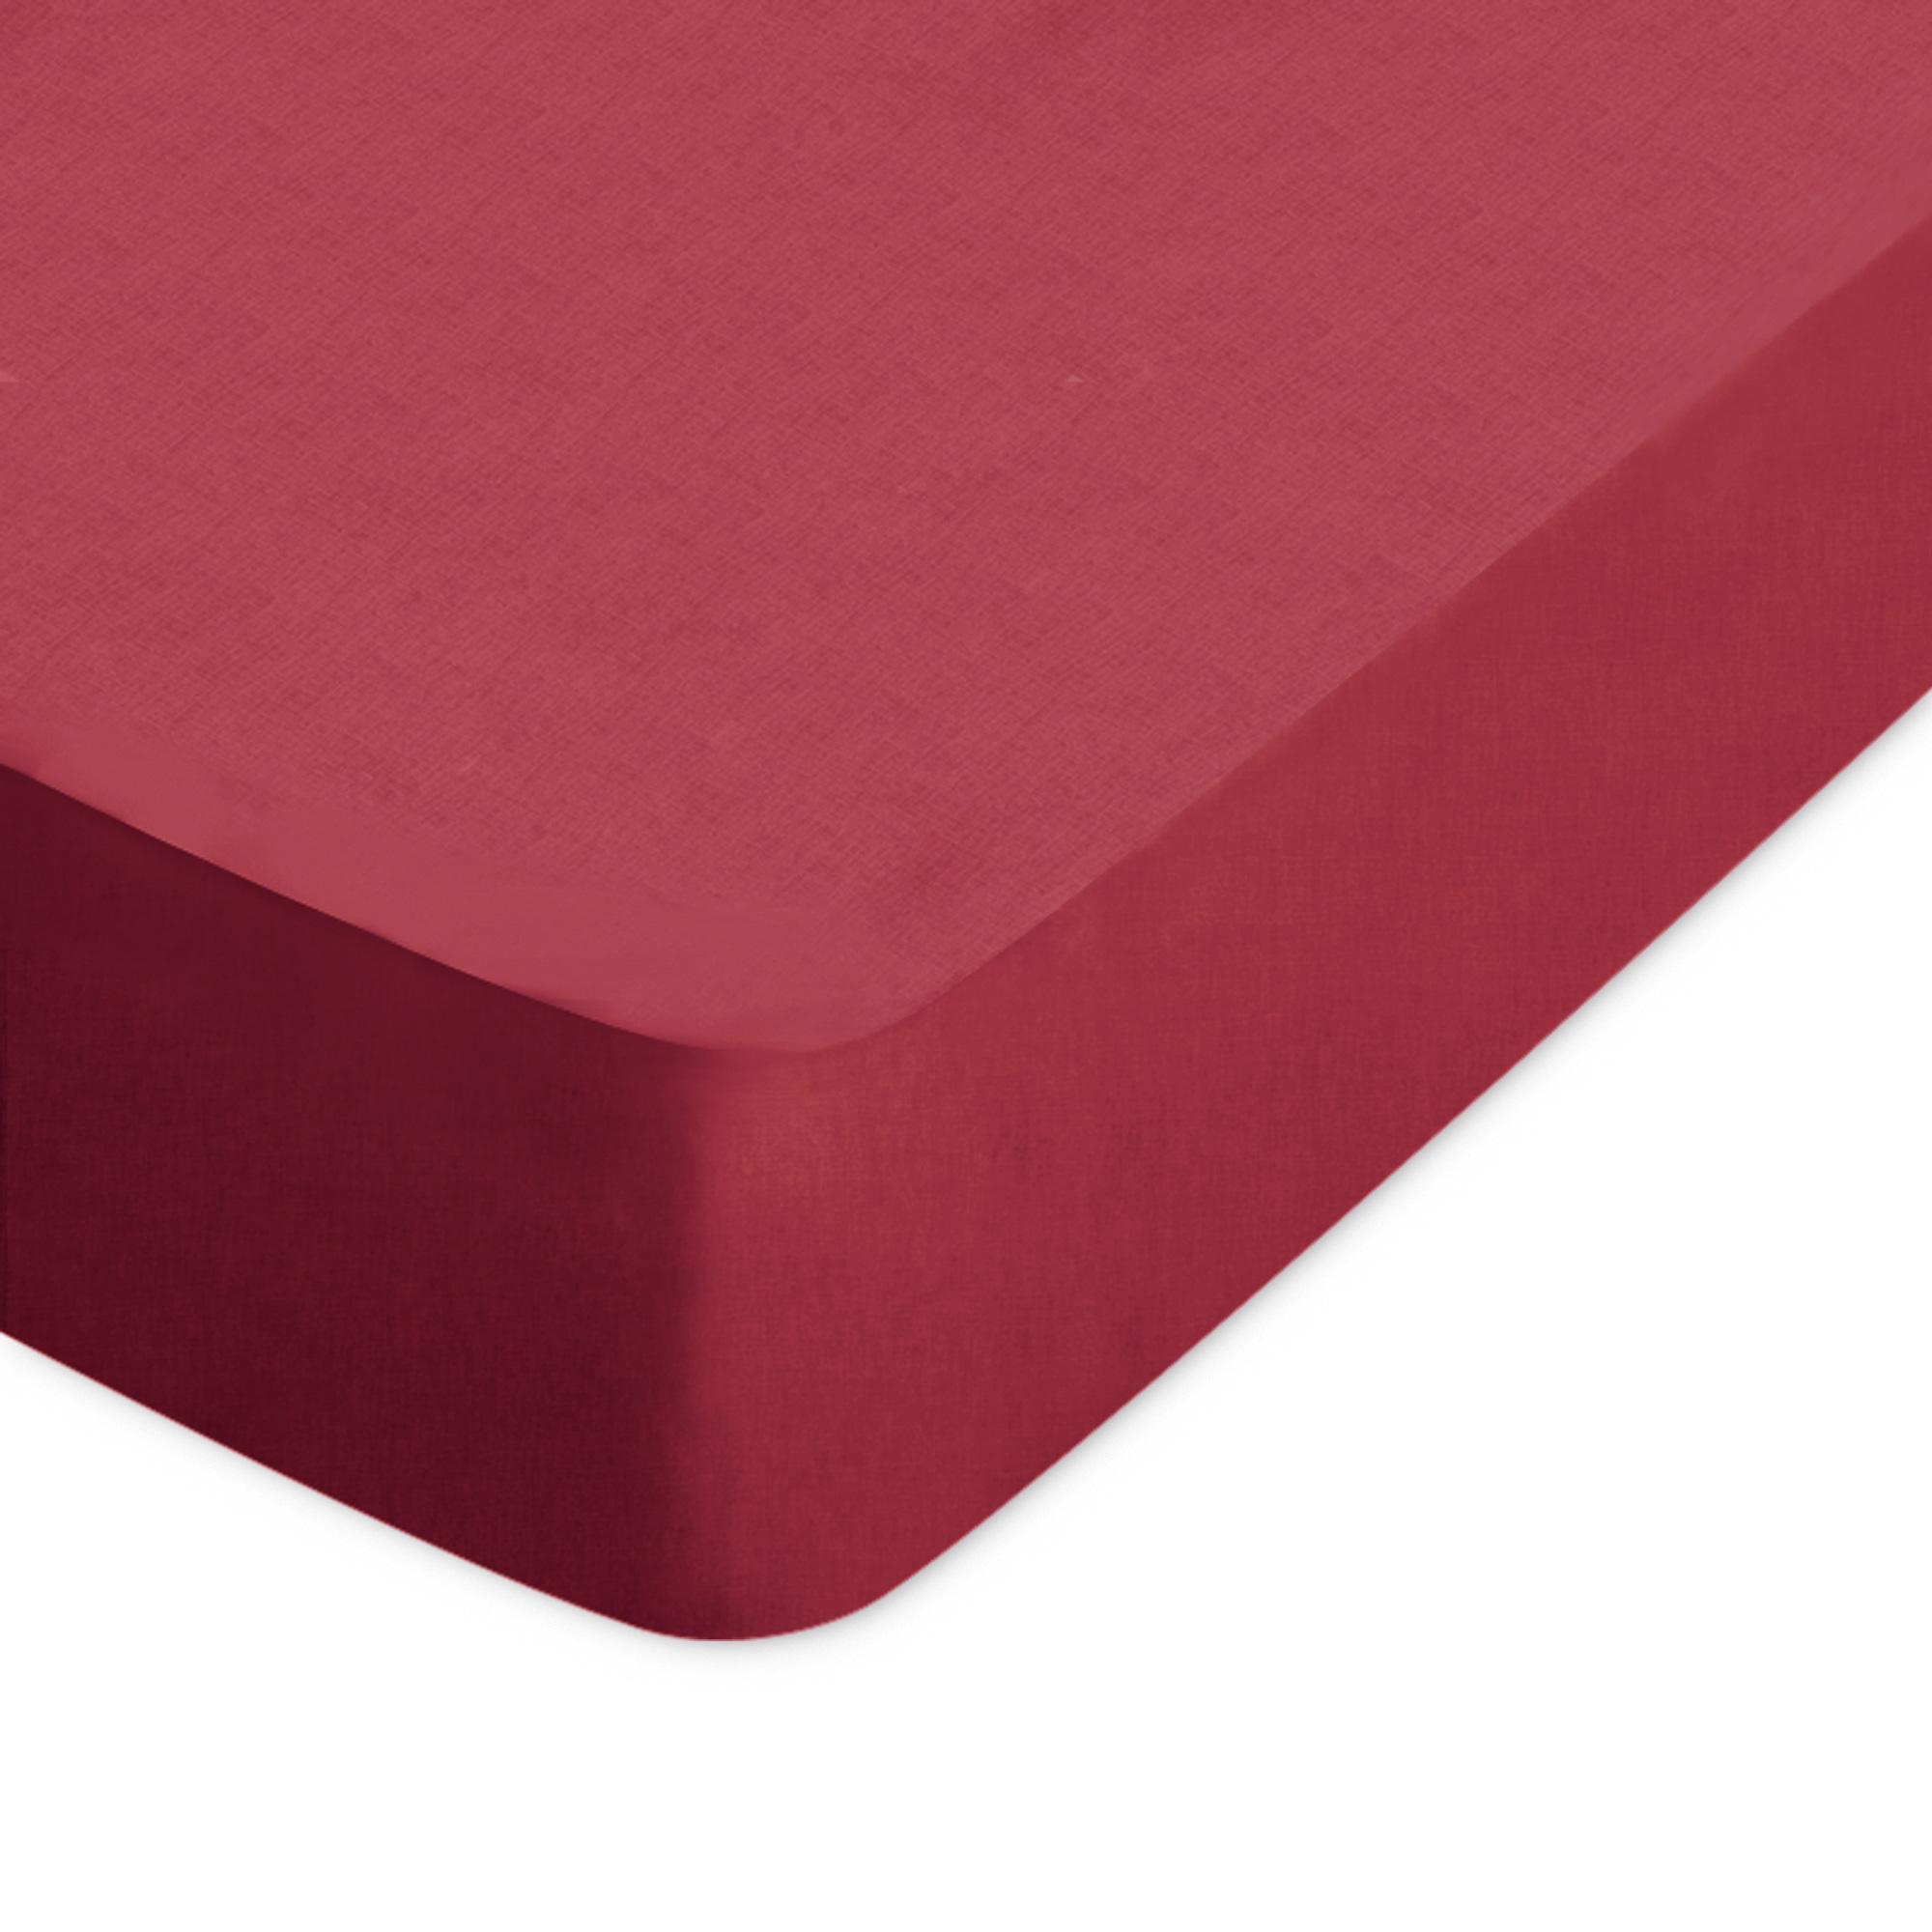 Drap housse 150x200cm uni pur coton ALTO rouge Garance | Linnea